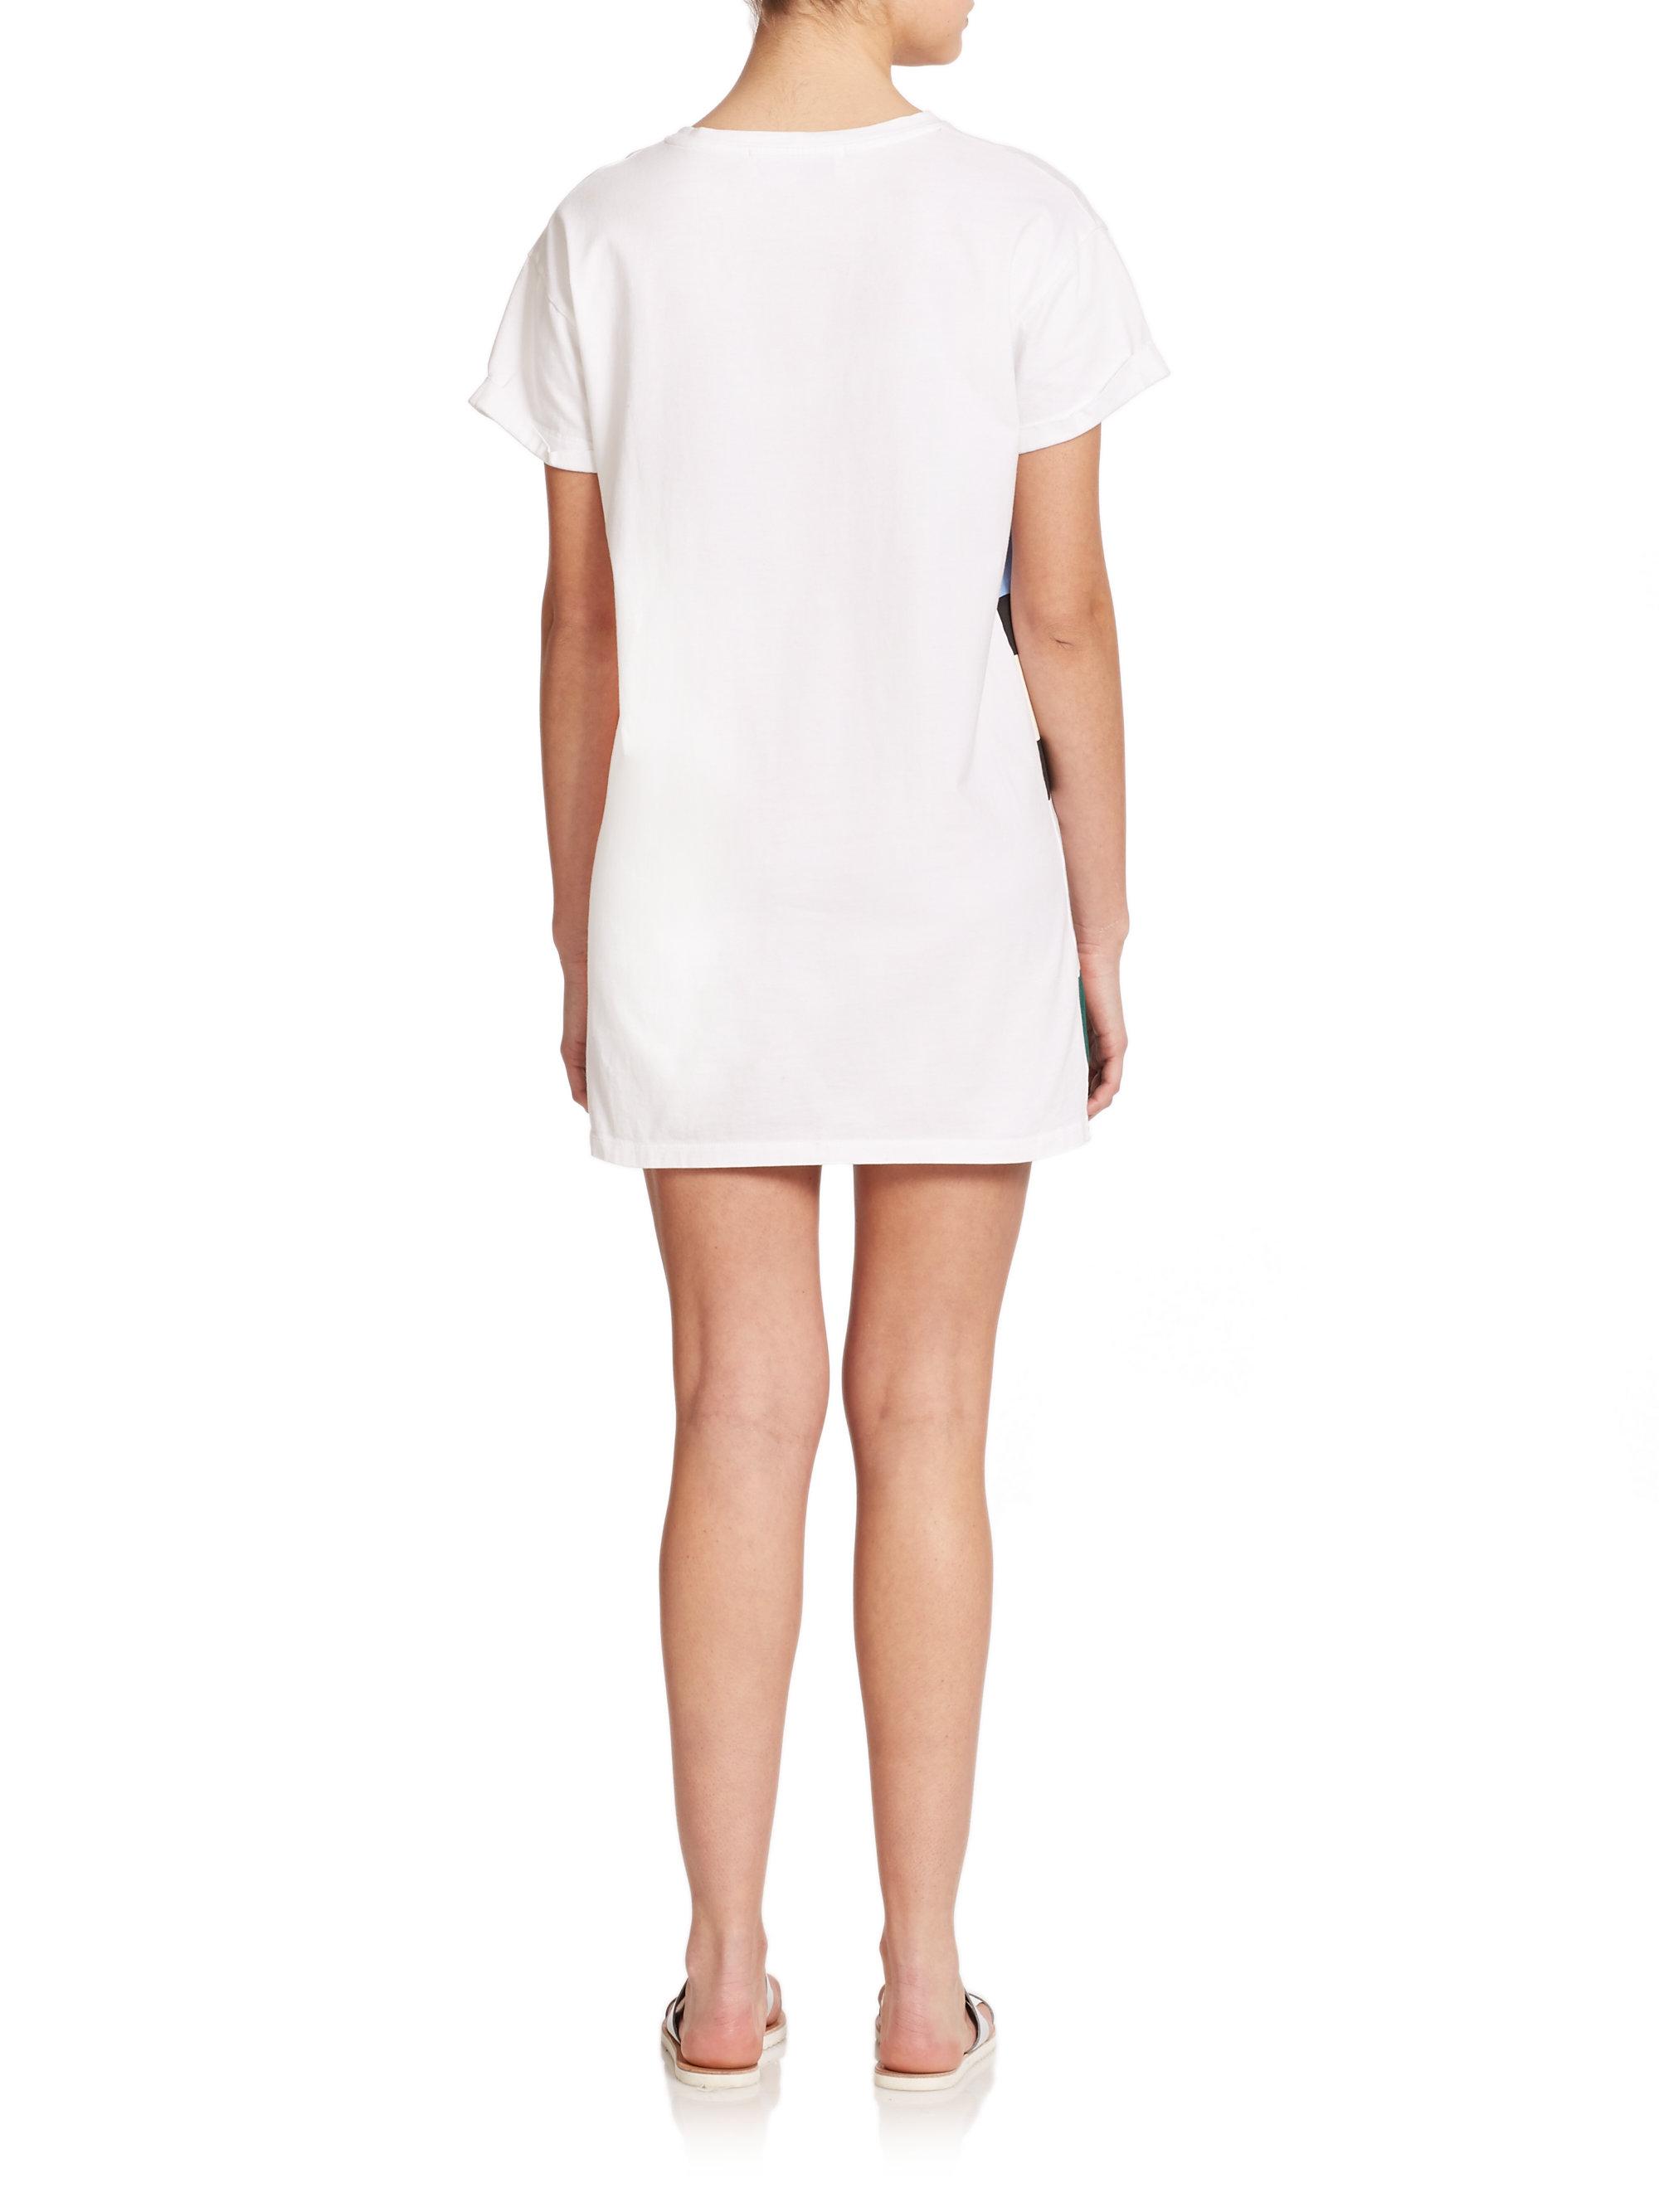 Être cécile Striped Cotton T-Shirt Dress in White | Lyst